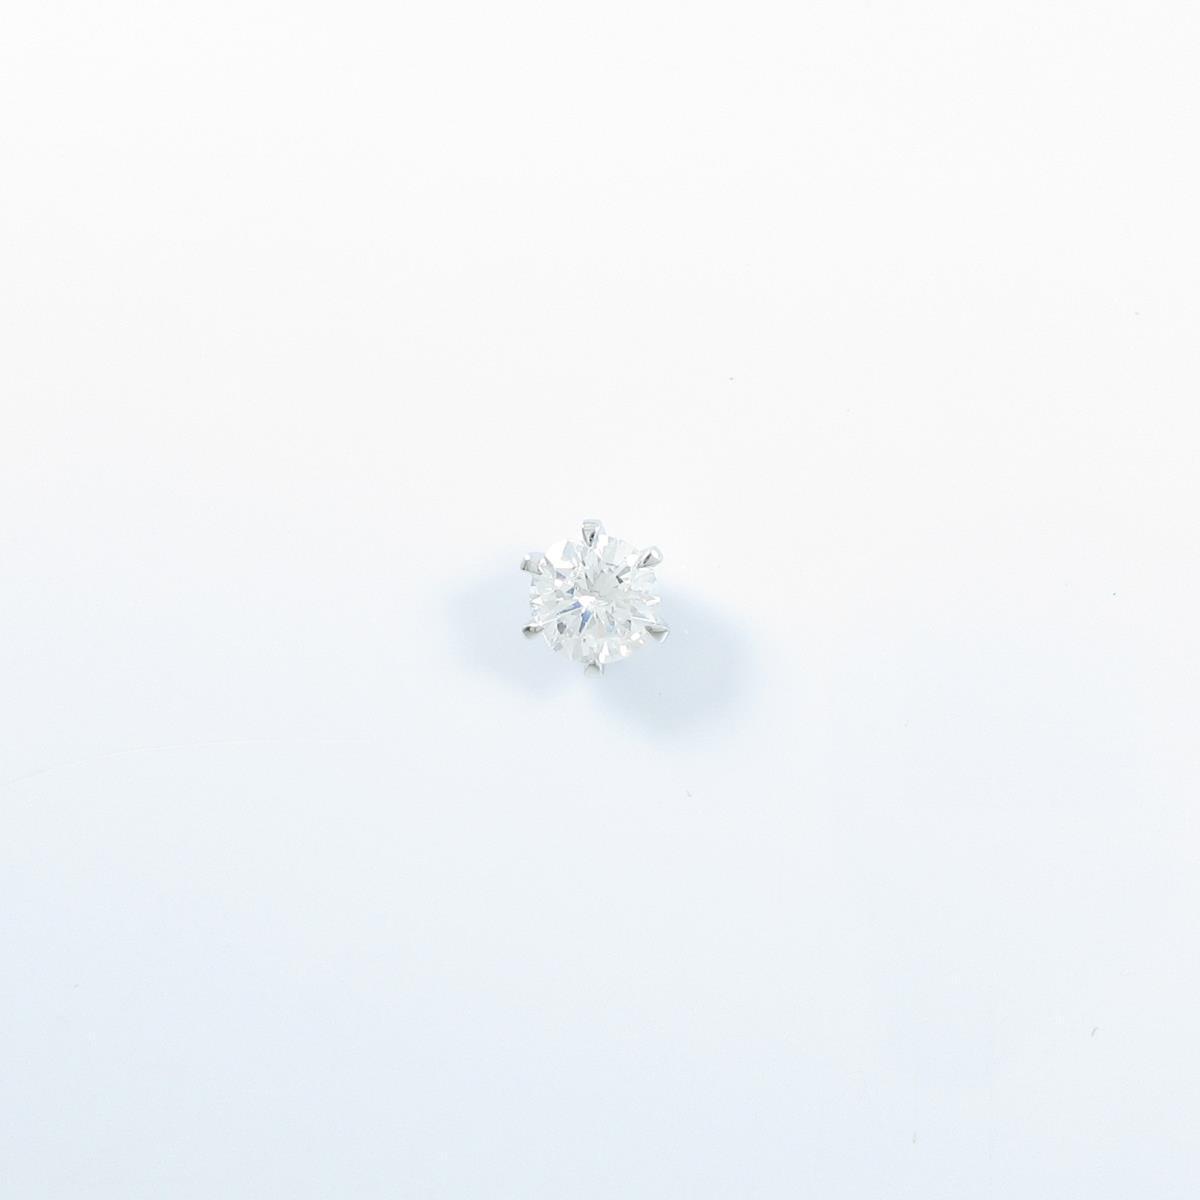 【リメイク】ST/プラチナダイヤモンドピアス 0.611ct・G・I1・VG 片耳【中古】